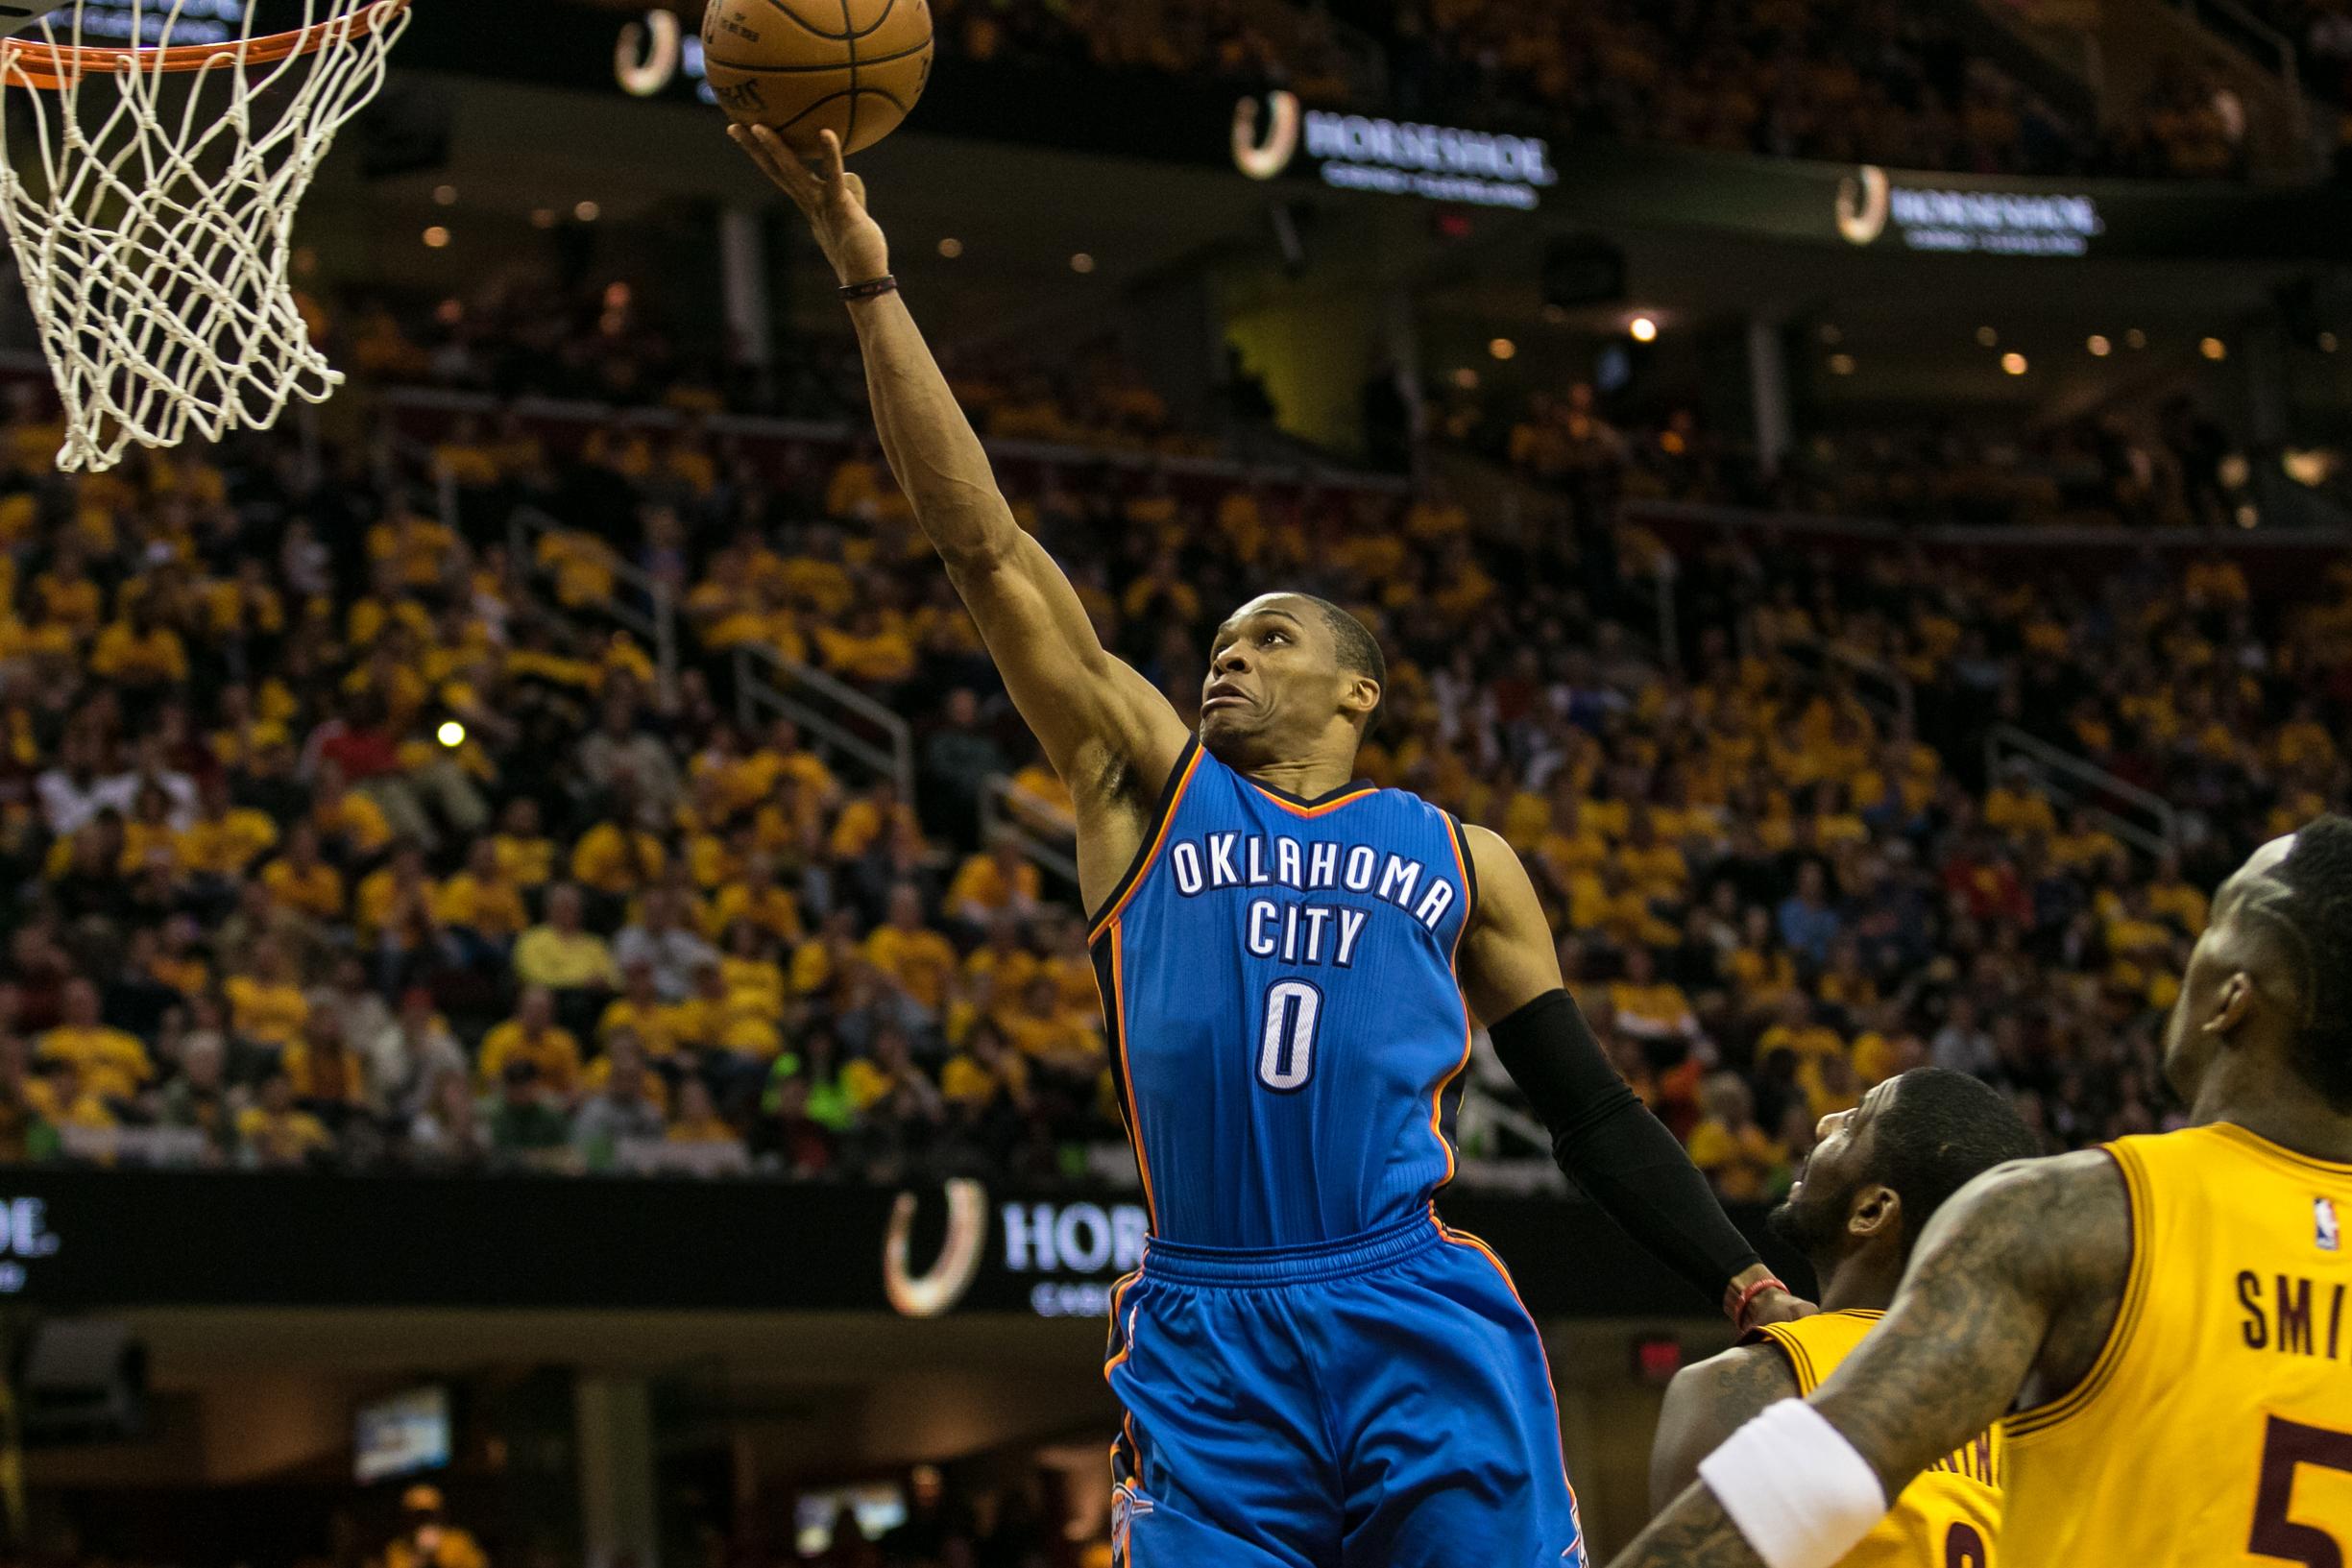 NBA: JAN 25 Thunder at Cavaliers